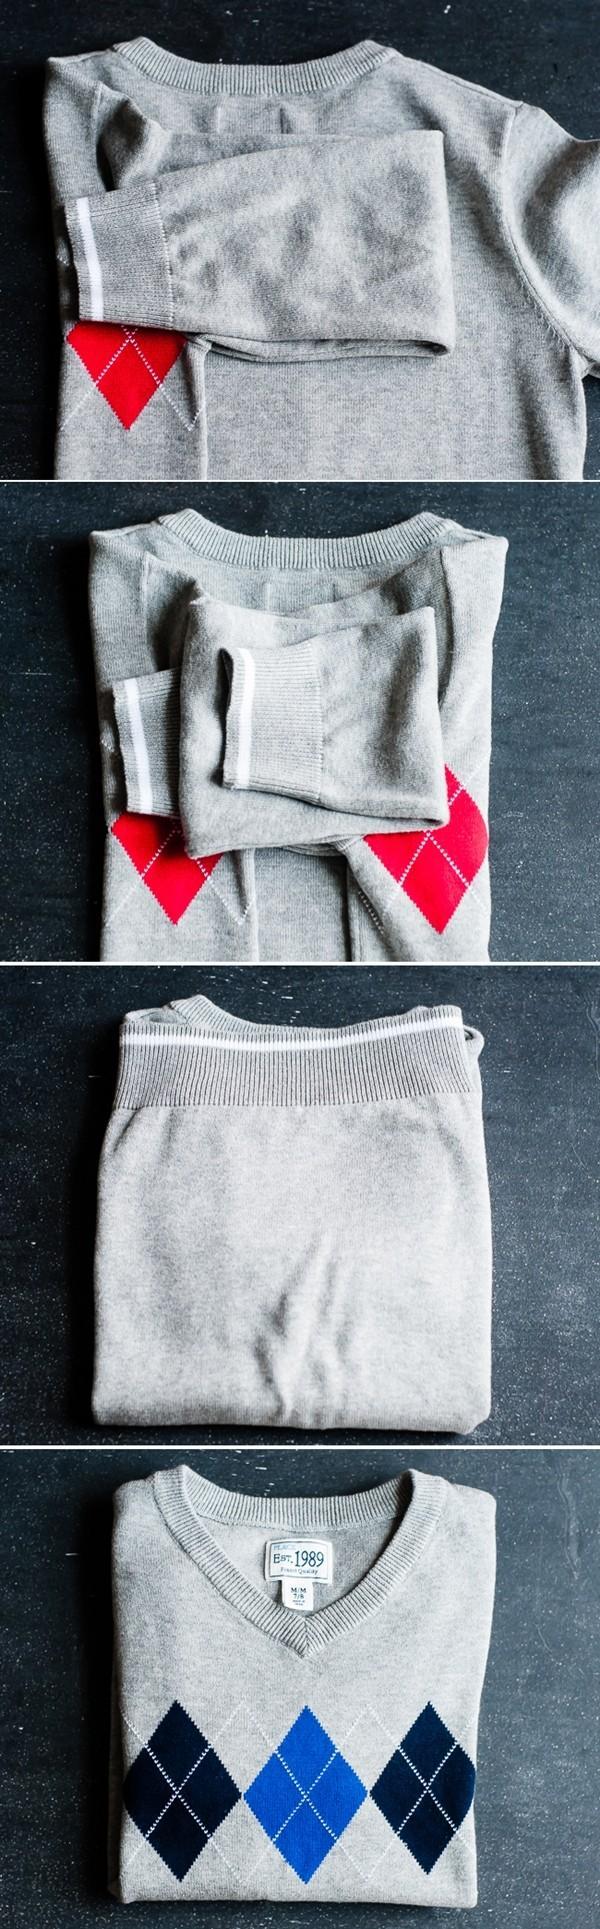 10 mẹo vặt thông minh giúp bảo quản tốt áo len mùa đông 6